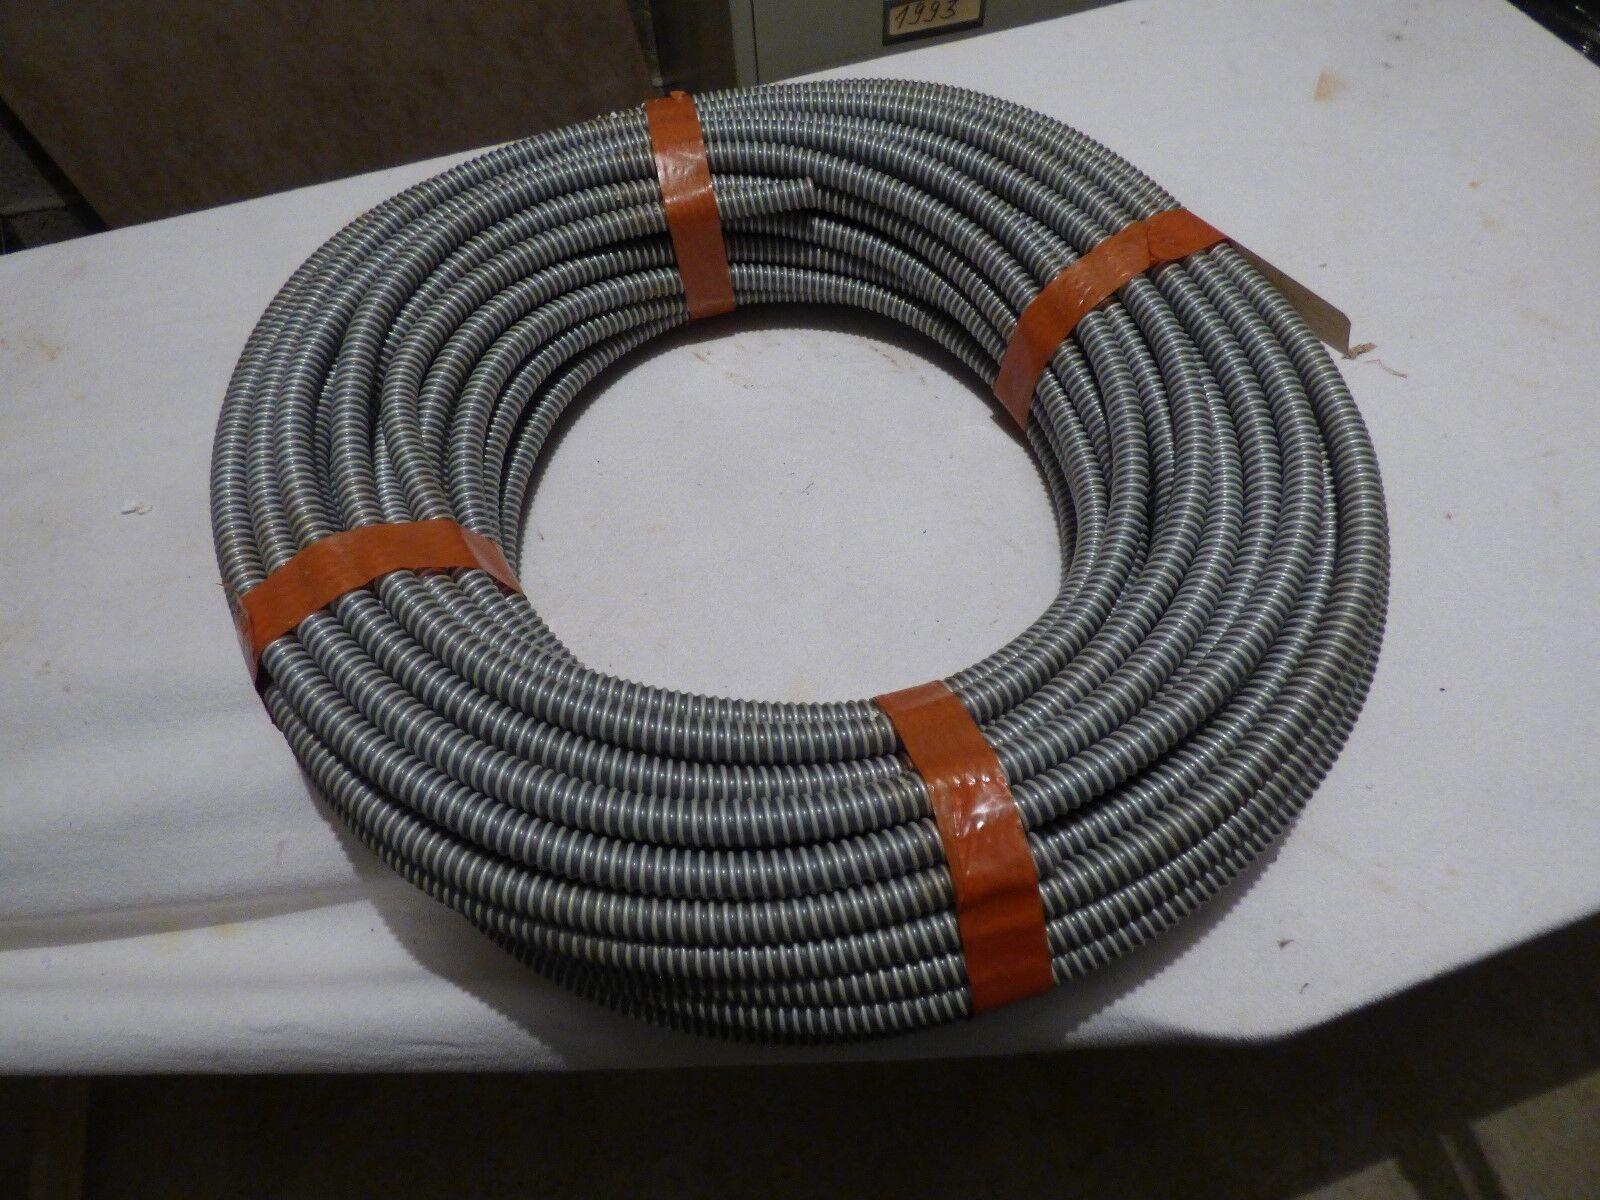 Leerrohr 50 Meter Flexa Spiralschlauch 15x10mm Art.Nr. 0200.101.010 PG9 NEU | Vollständige Spezifikation